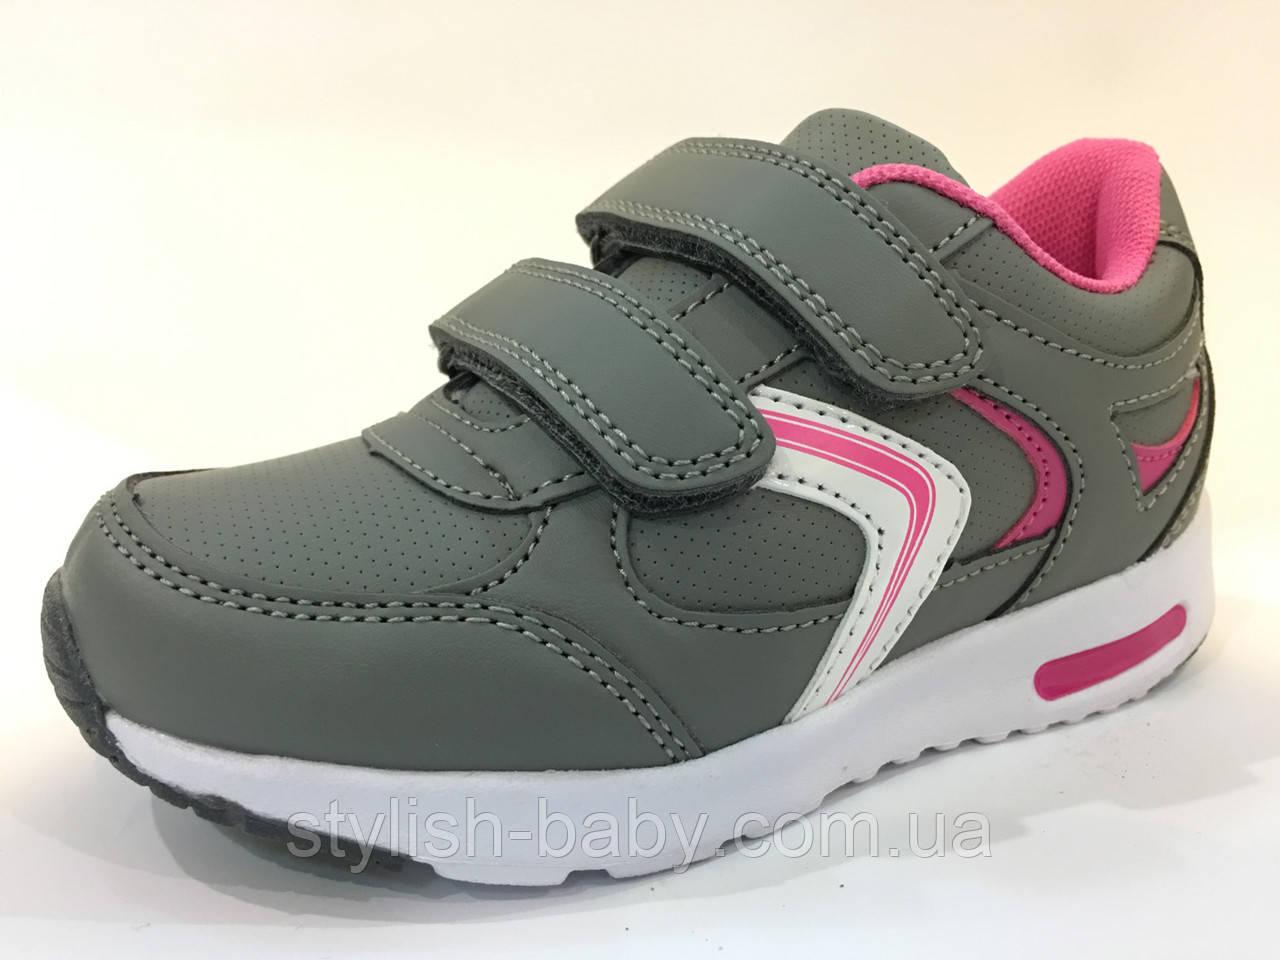 Детская спортивная обувь ТМ. Tom.m для девочек (разм. с 27 по 32)